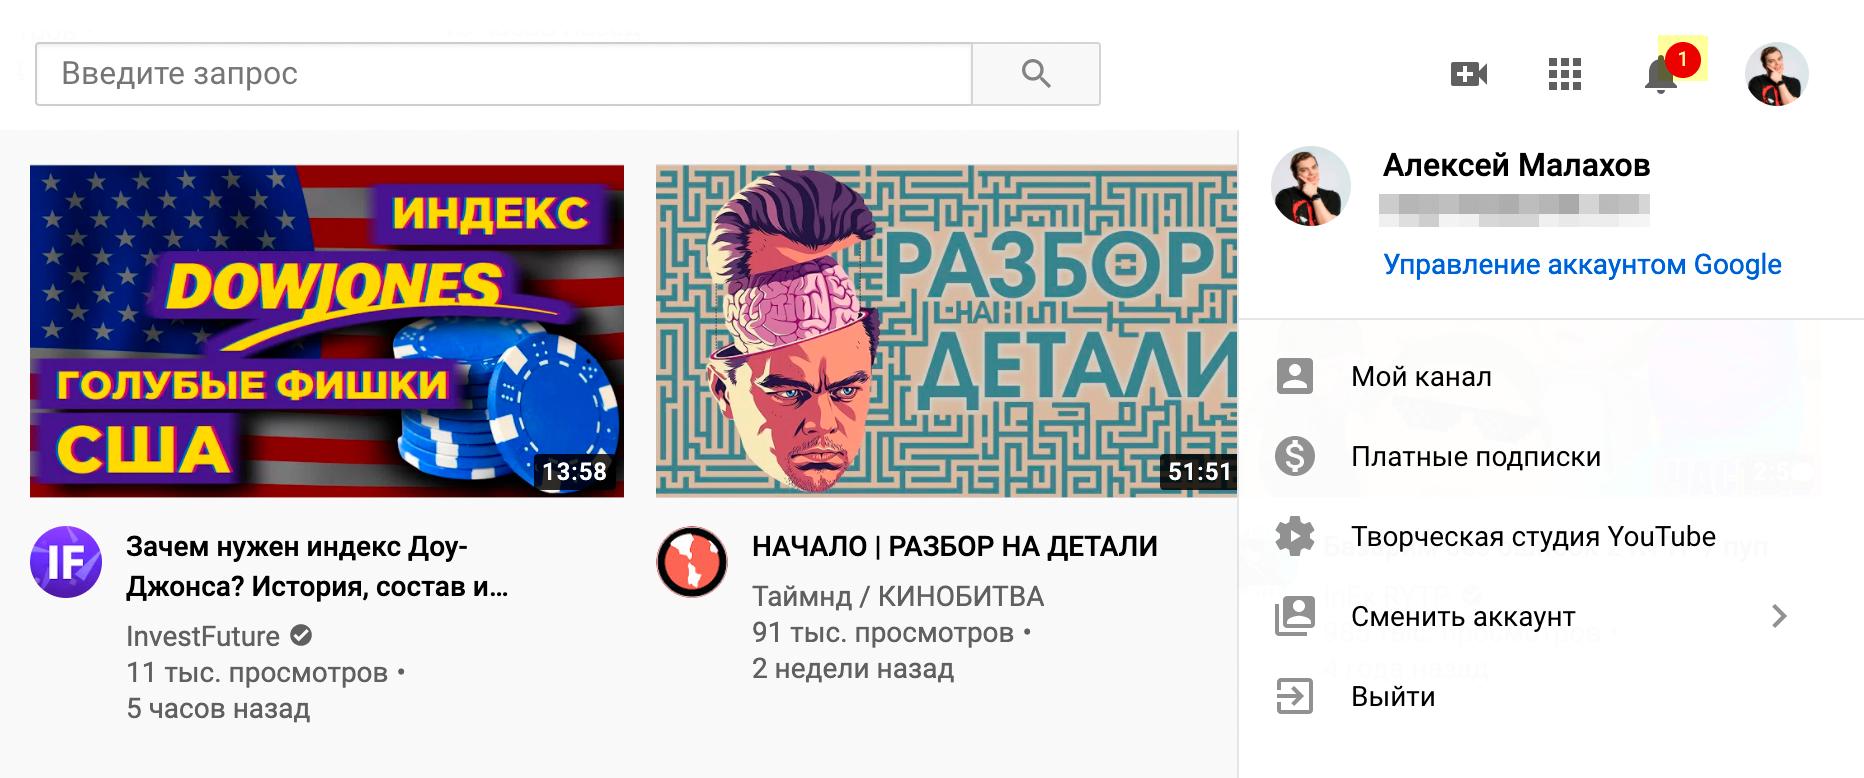 Персональный канал есть у каждого пользователя «Ютуба». Он называется также, каки профиль на «Ютубе», а доступ к нему имеет только владелец